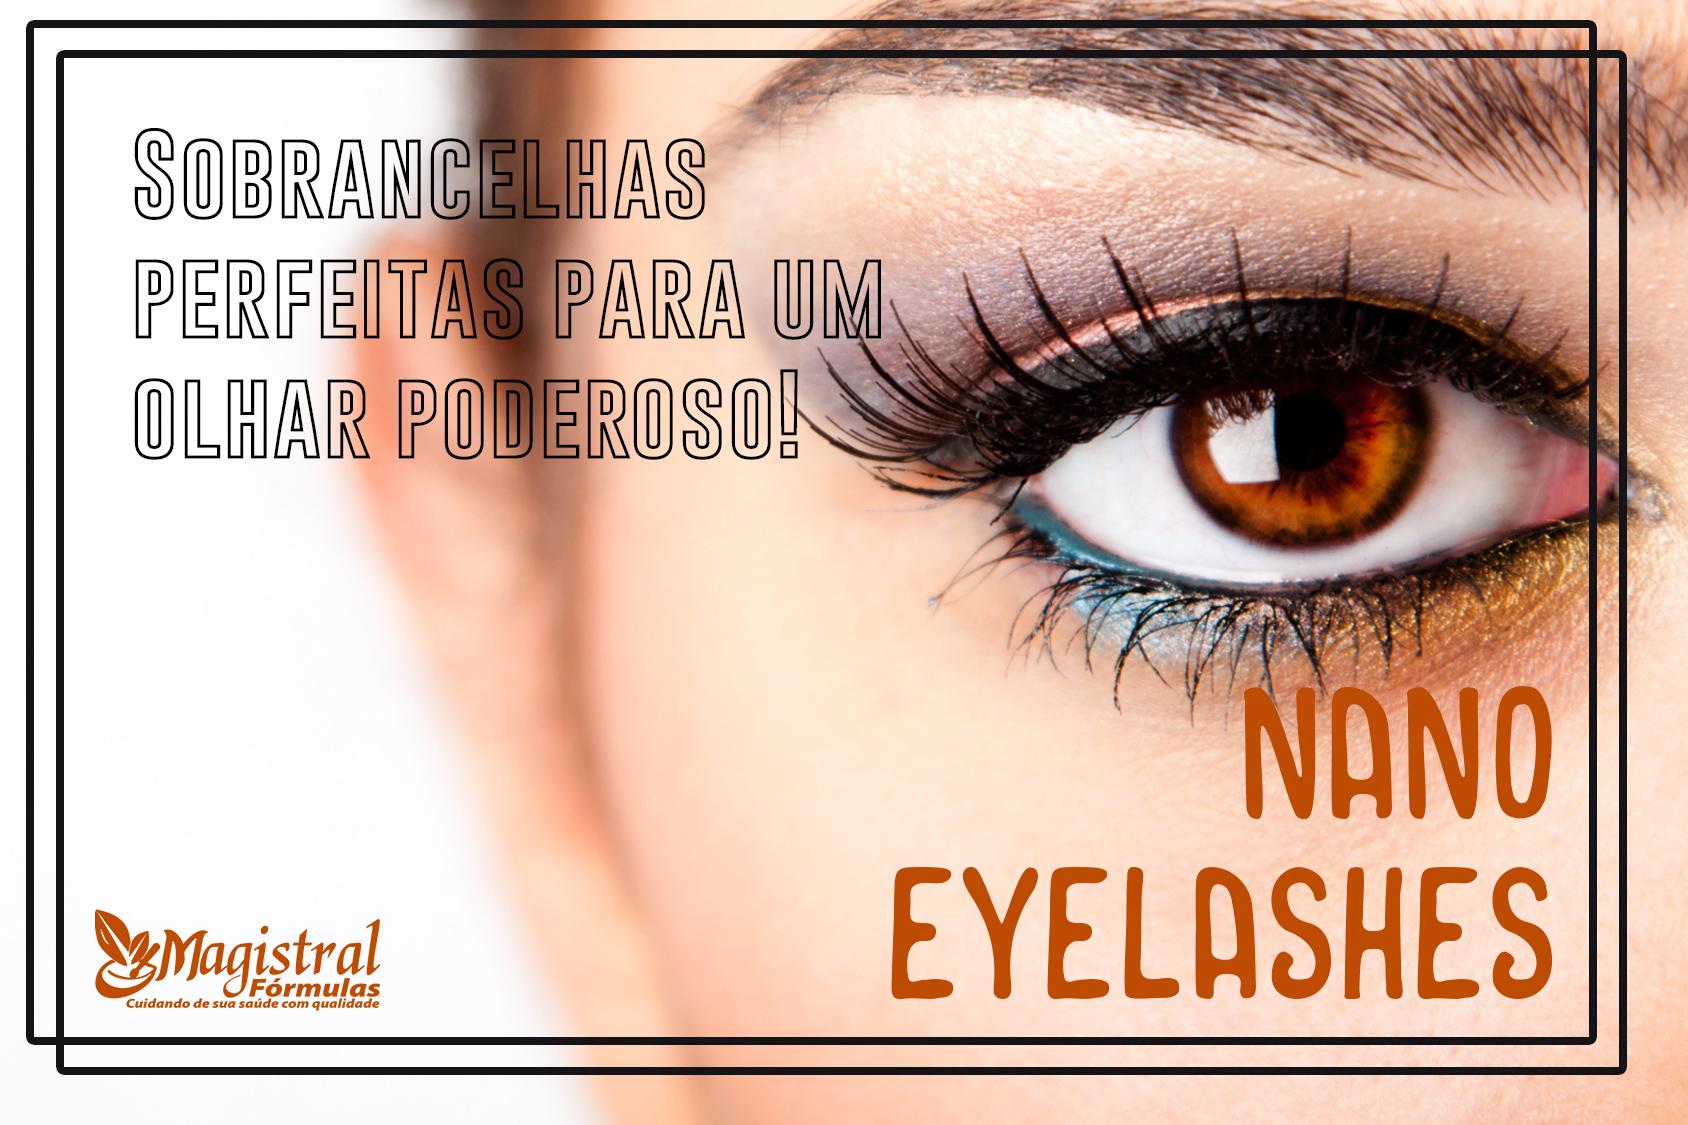 nano-eyelashes